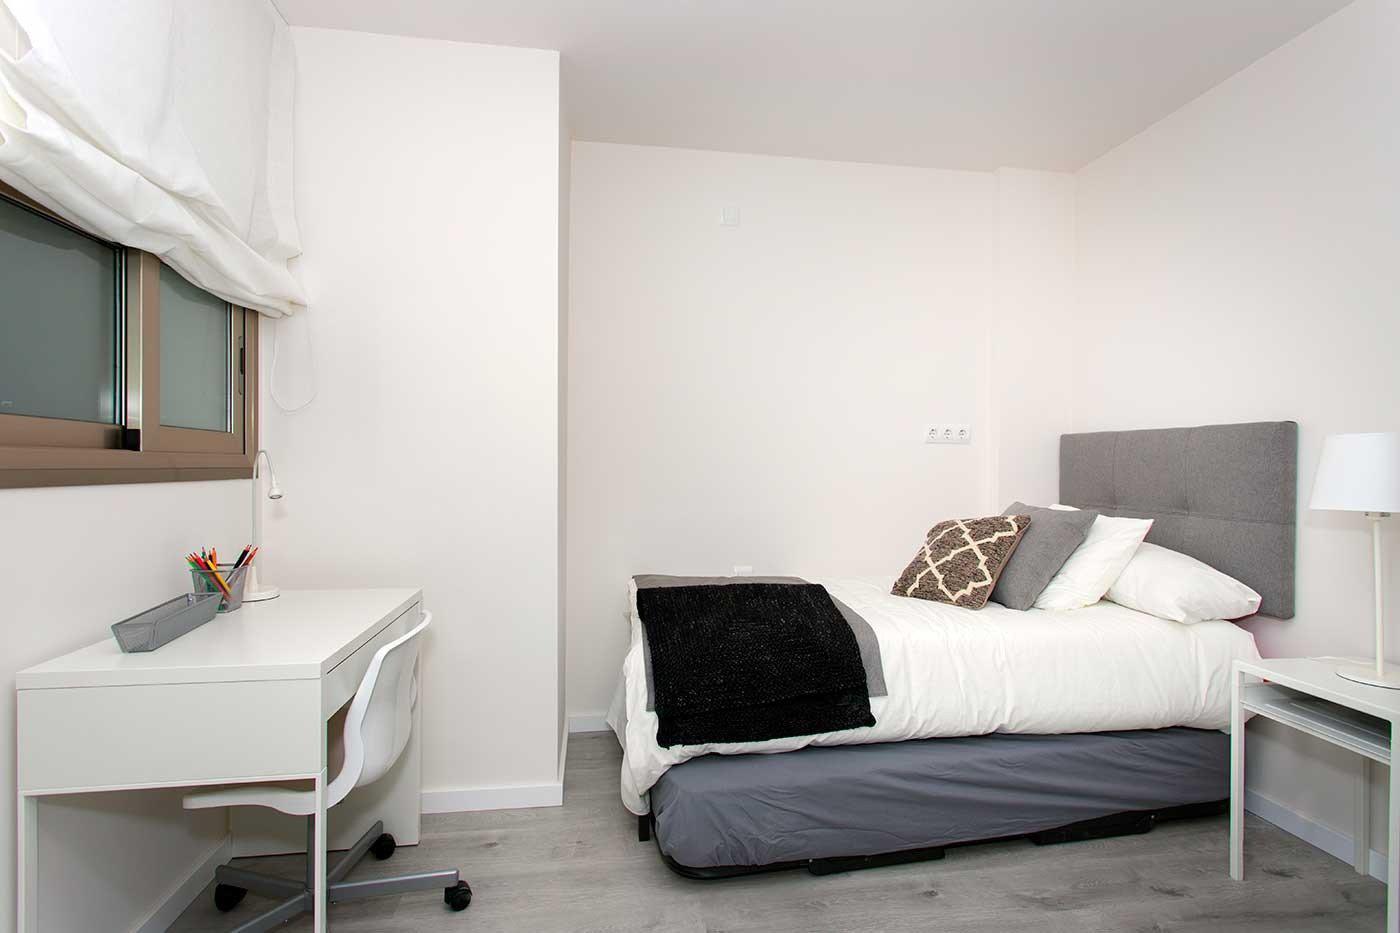 Complejo de estilo moderno con apartamentos de 2,3 dormitorios y 2 baños con amplias terra - imagenInmueble7